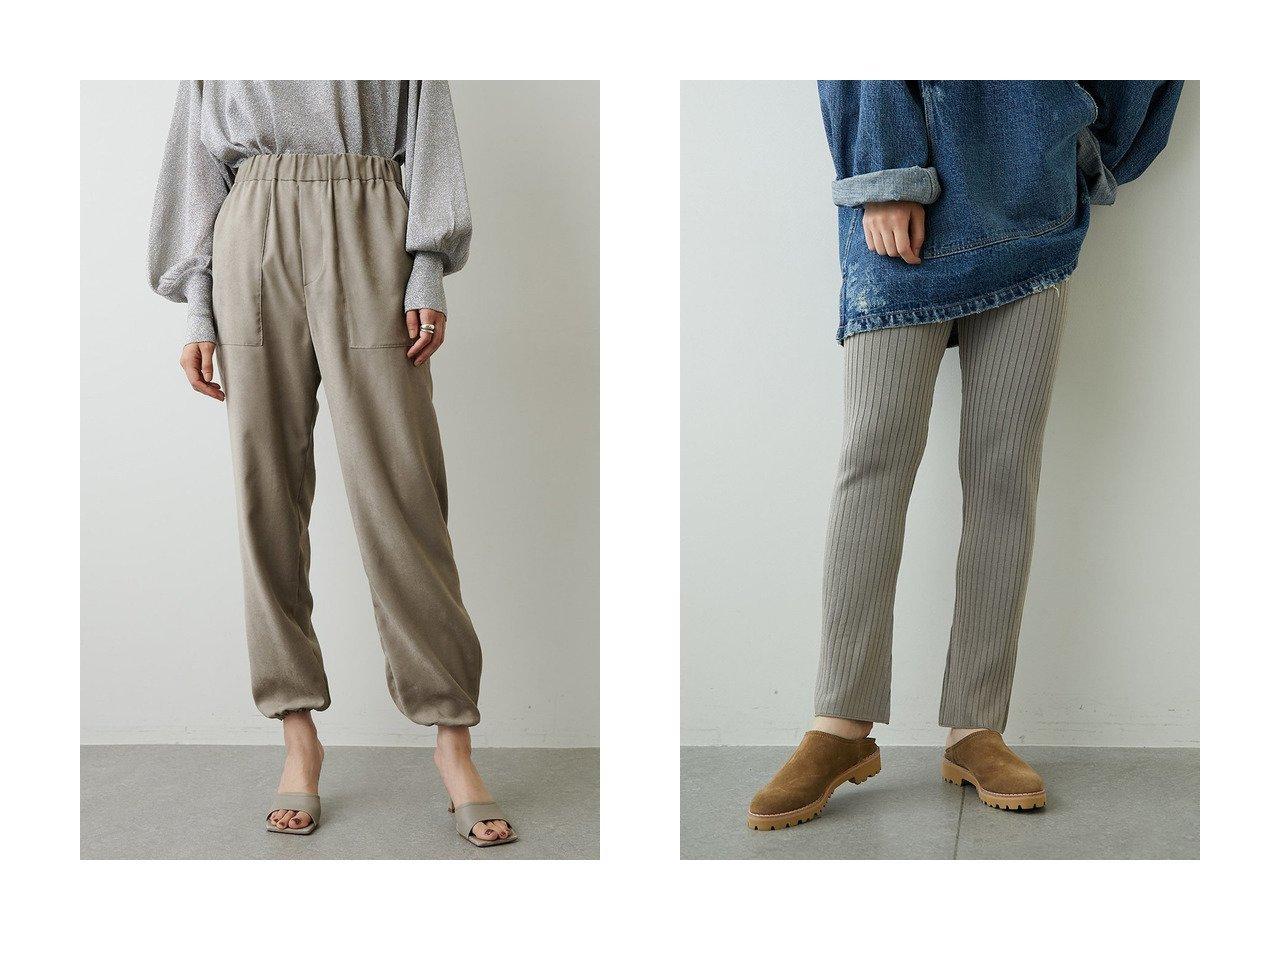 【Whim Gazette/ウィムガゼット】のエコスエードイージーパンツ&ニットフィットリラックスパンツ 【パンツ】おすすめ!人気、トレンド・レディースファッションの通販 おすすめで人気の流行・トレンド、ファッションの通販商品 インテリア・家具・メンズファッション・キッズファッション・レディースファッション・服の通販 founy(ファニー) https://founy.com/ ファッション Fashion レディースファッション WOMEN パンツ Pants シューズ スエード ストレッチ フェミニン A/W・秋冬 AW・Autumn/Winter・FW・Fall-Winter 2020年 2020 2021年 2021 2020-2021秋冬・A/W AW・Autumn/Winter・FW・Fall-Winter/2020-2021 2021-2022秋冬・A/W AW・Autumn/Winter・FW・Fall-Winter・2021-2022 クリスタル フィット フラット フレア |ID:crp329100000059679